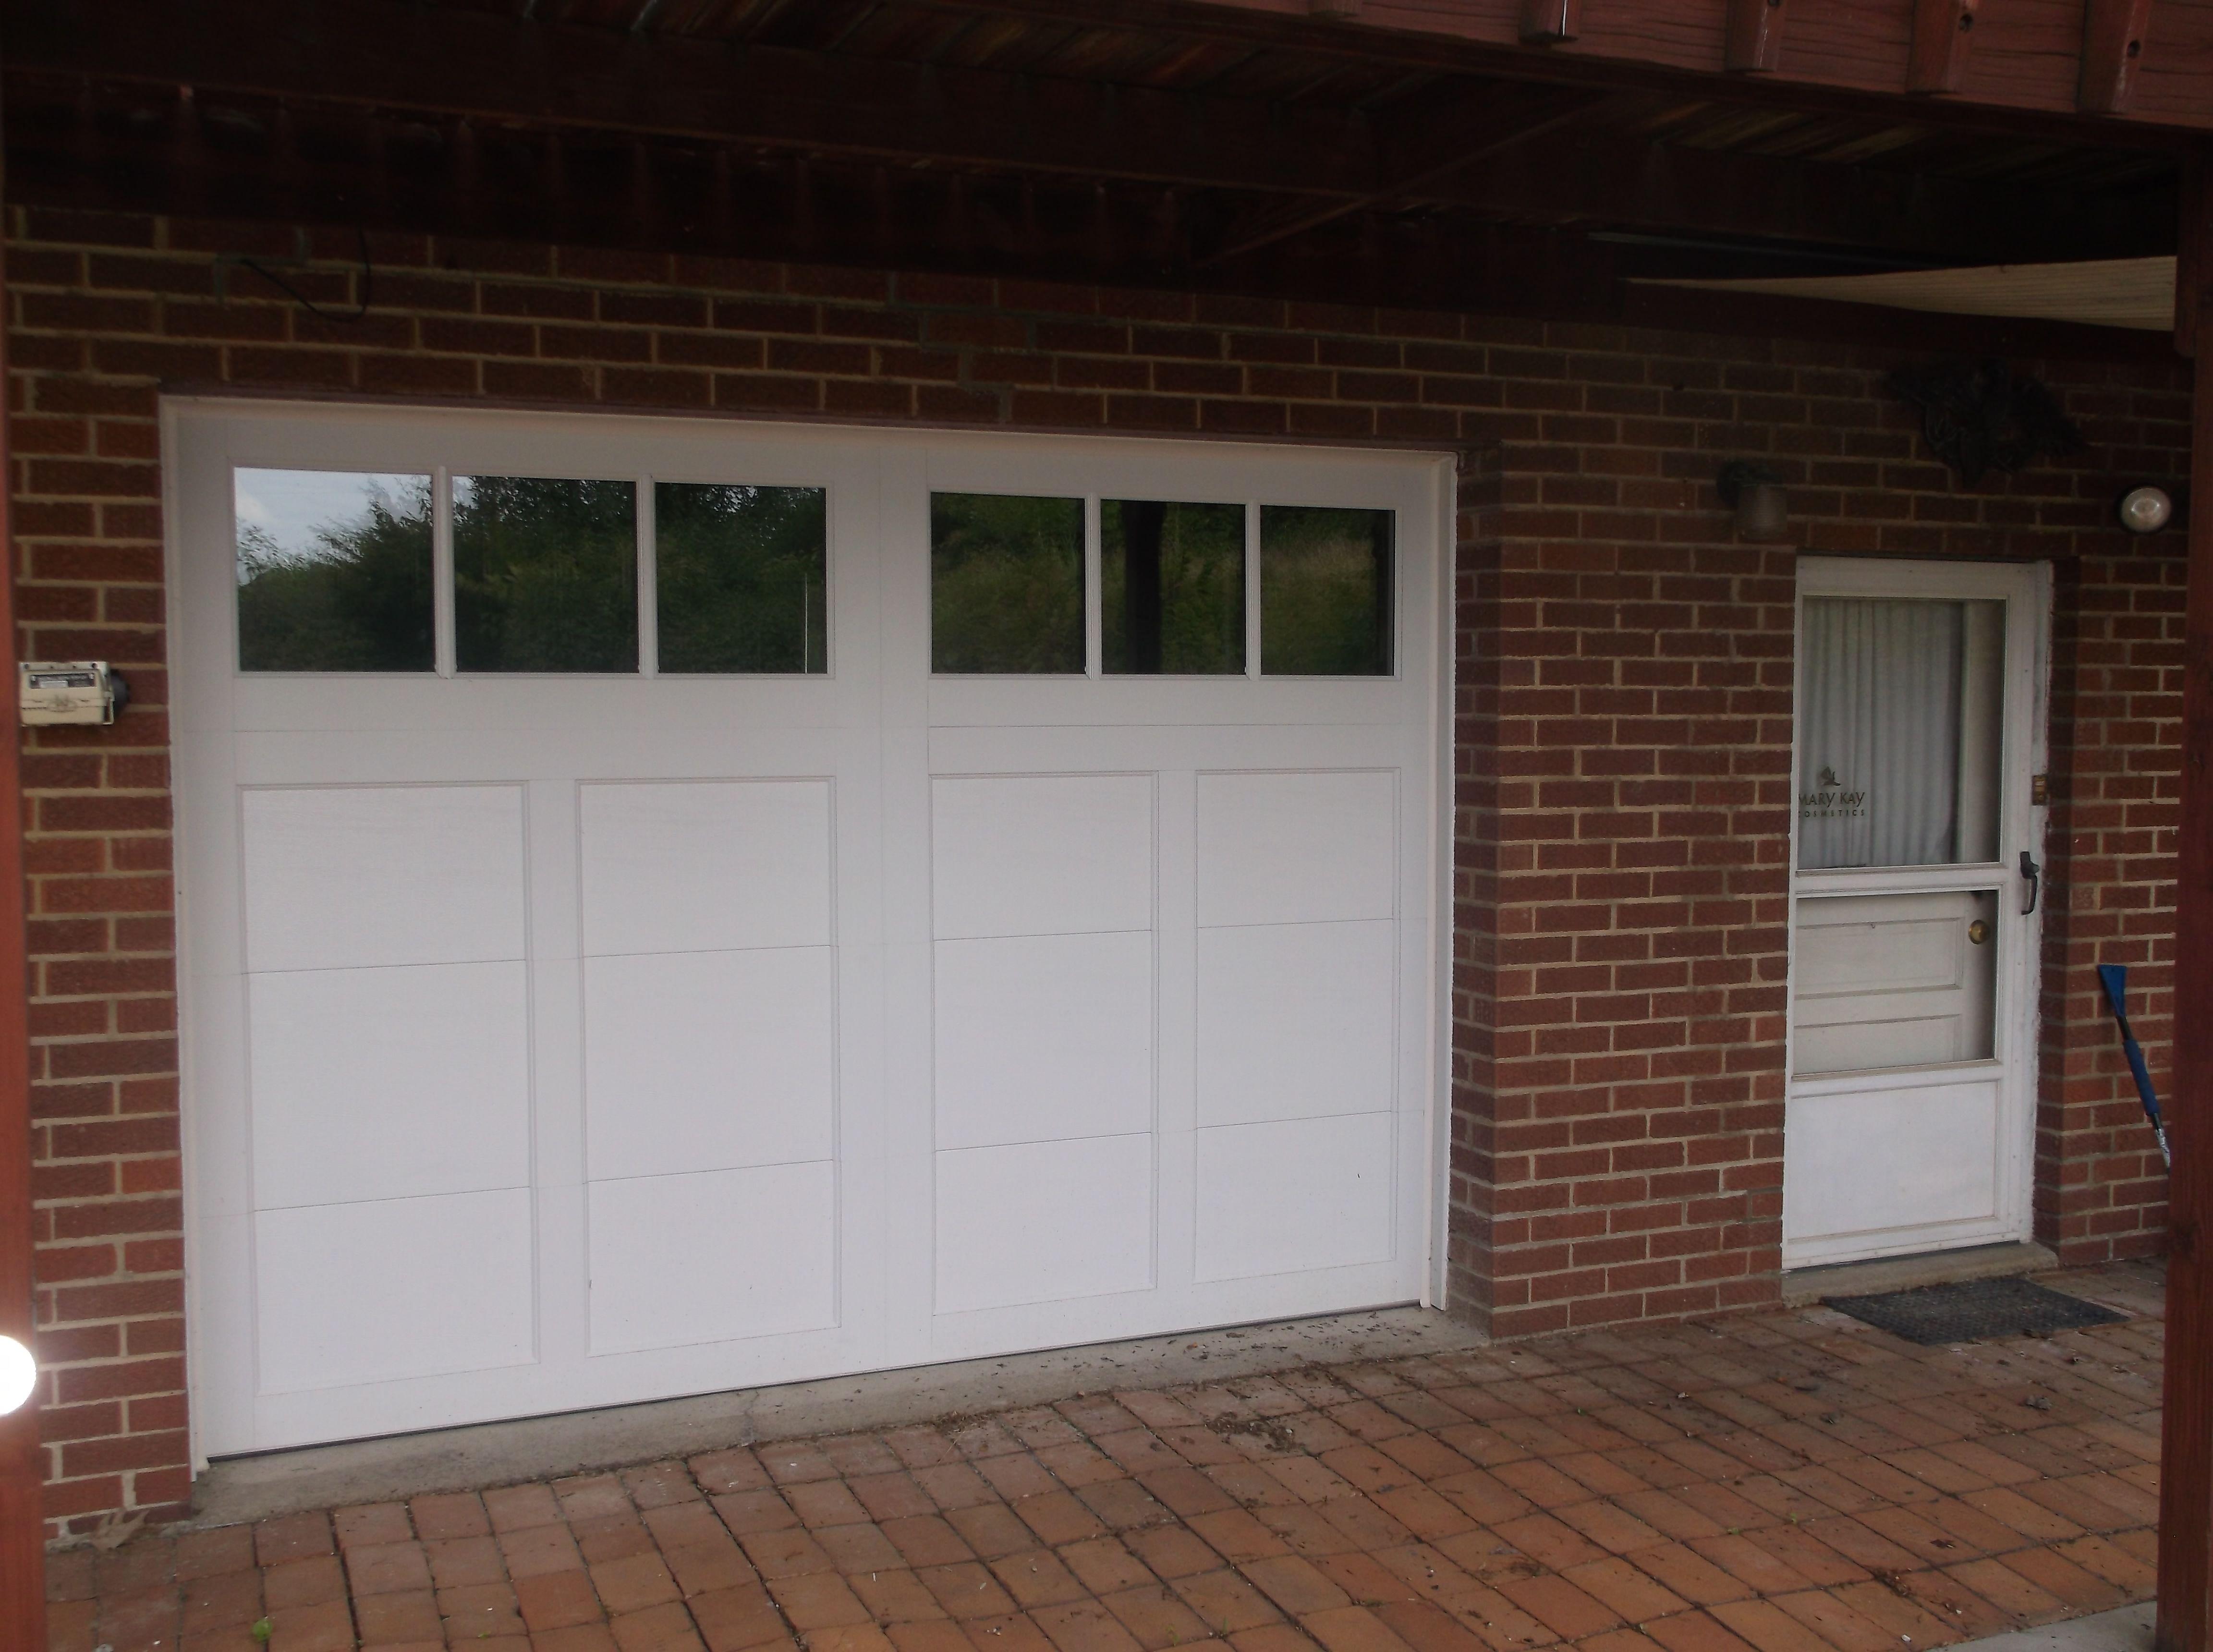 Clopay Coachman Cd21 Rec3 Garage Doors Garage Doors